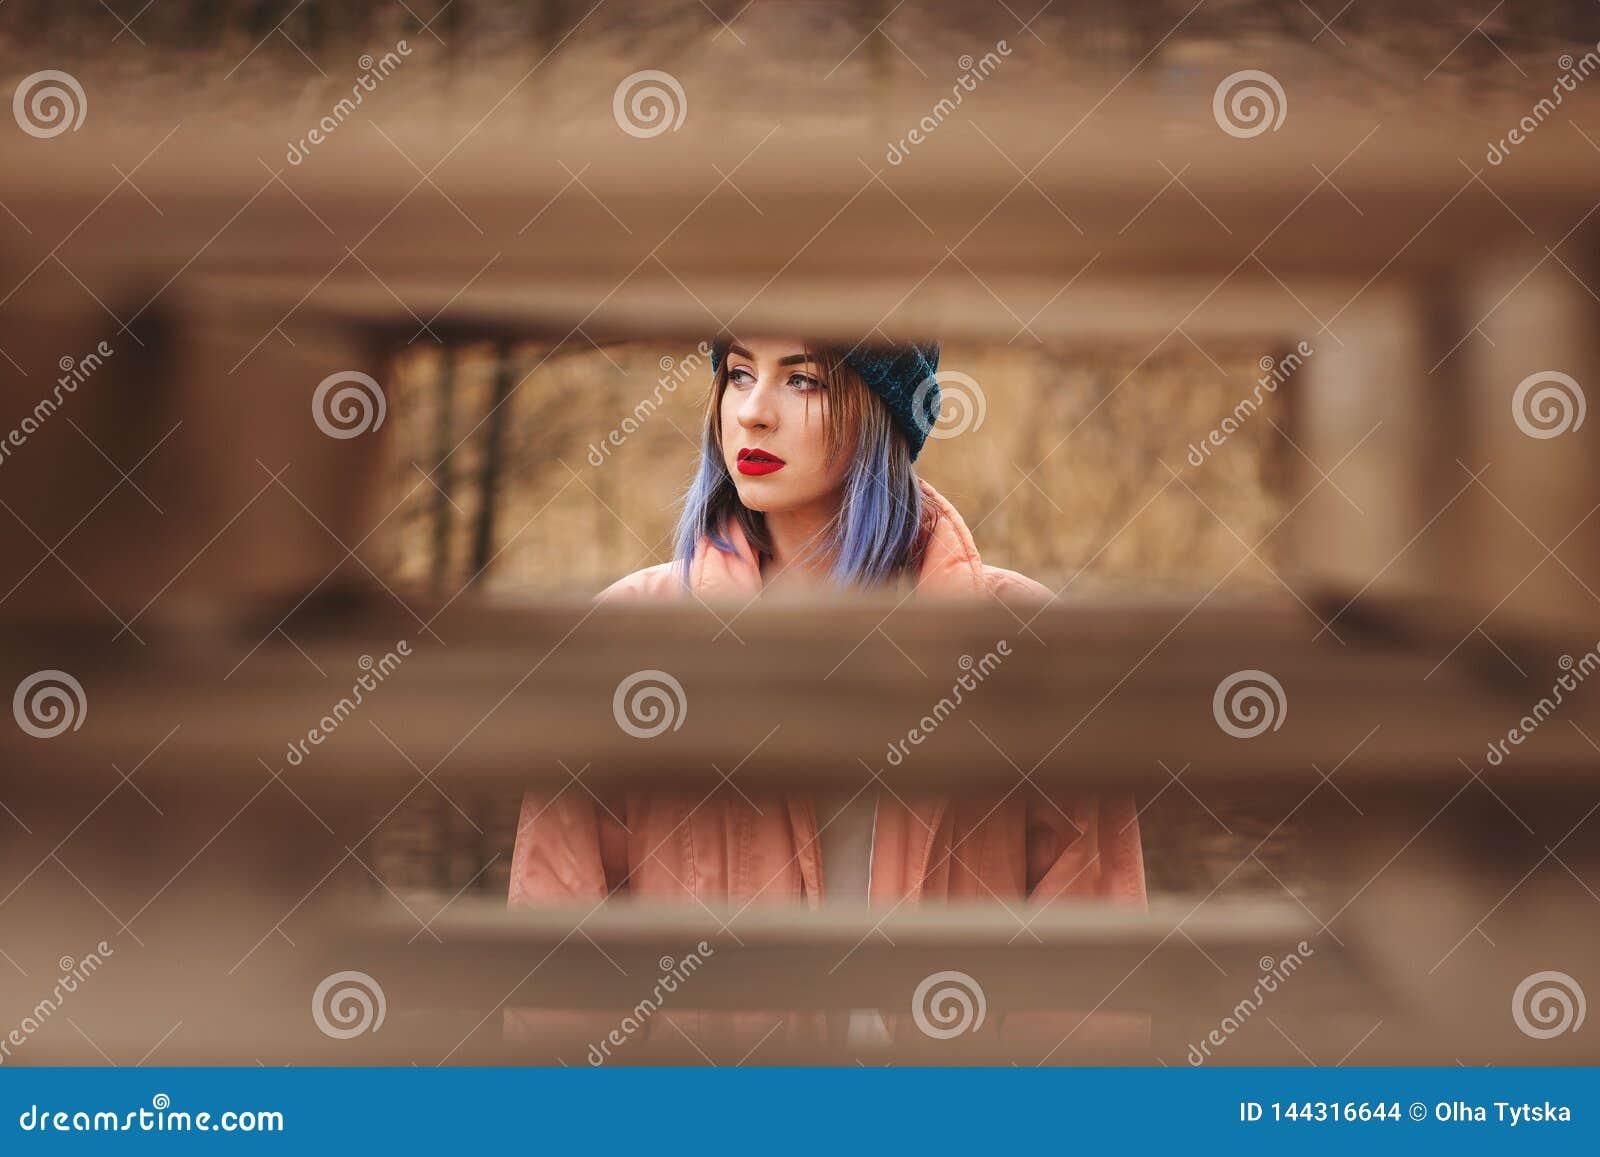 Retrato de uma menina com cabelo colorido no fundo da natureza com algumas placas de madeira borradas no primeiro plano